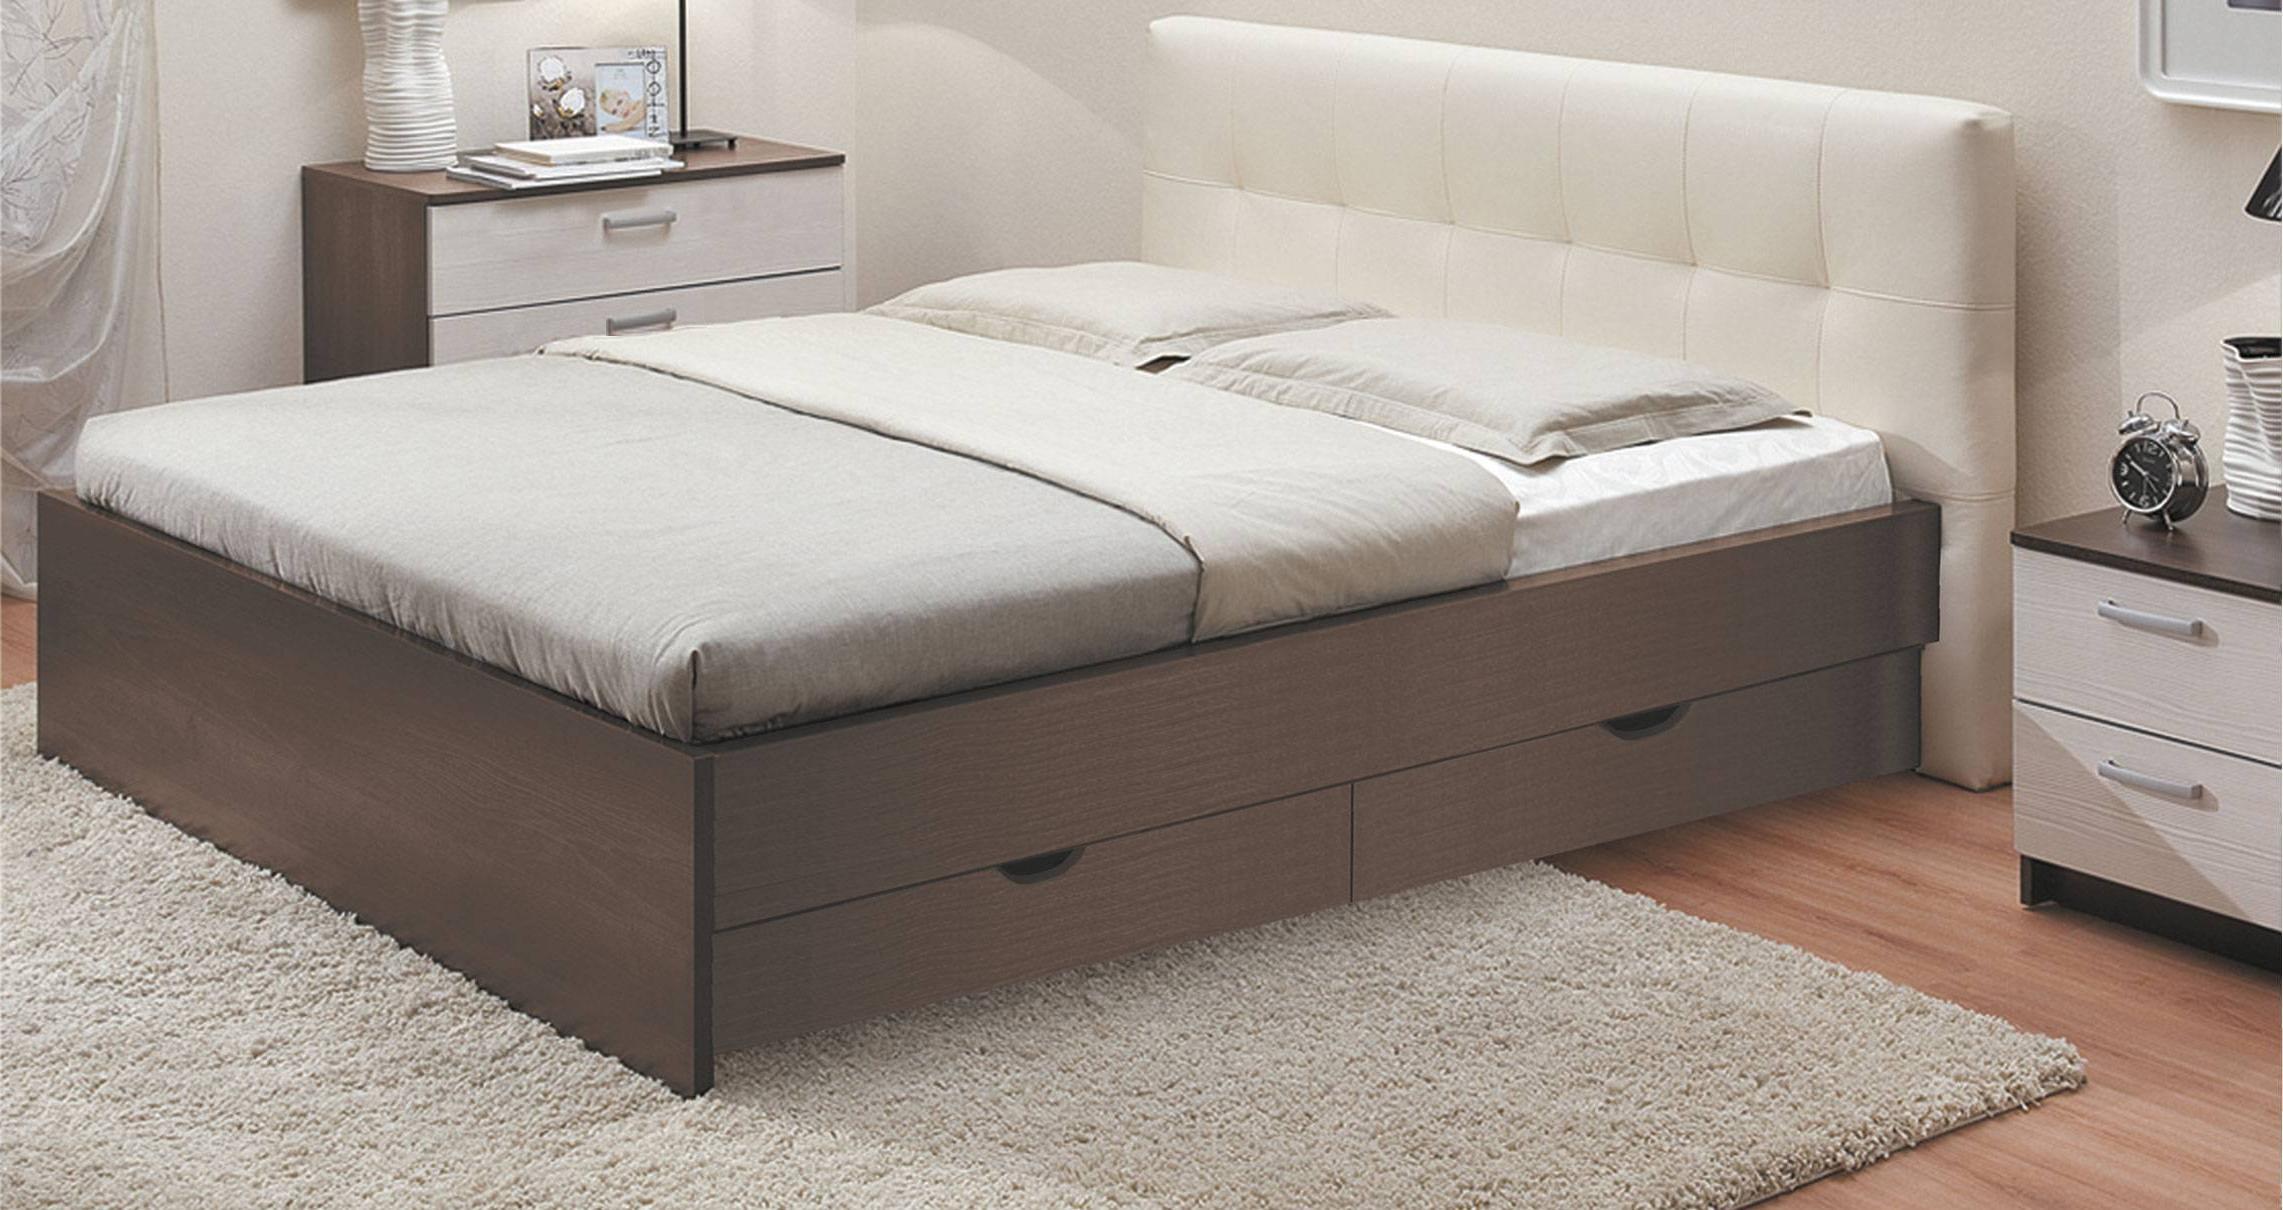 нем кровати двуспальные с ящиками для белья фото простых девушек